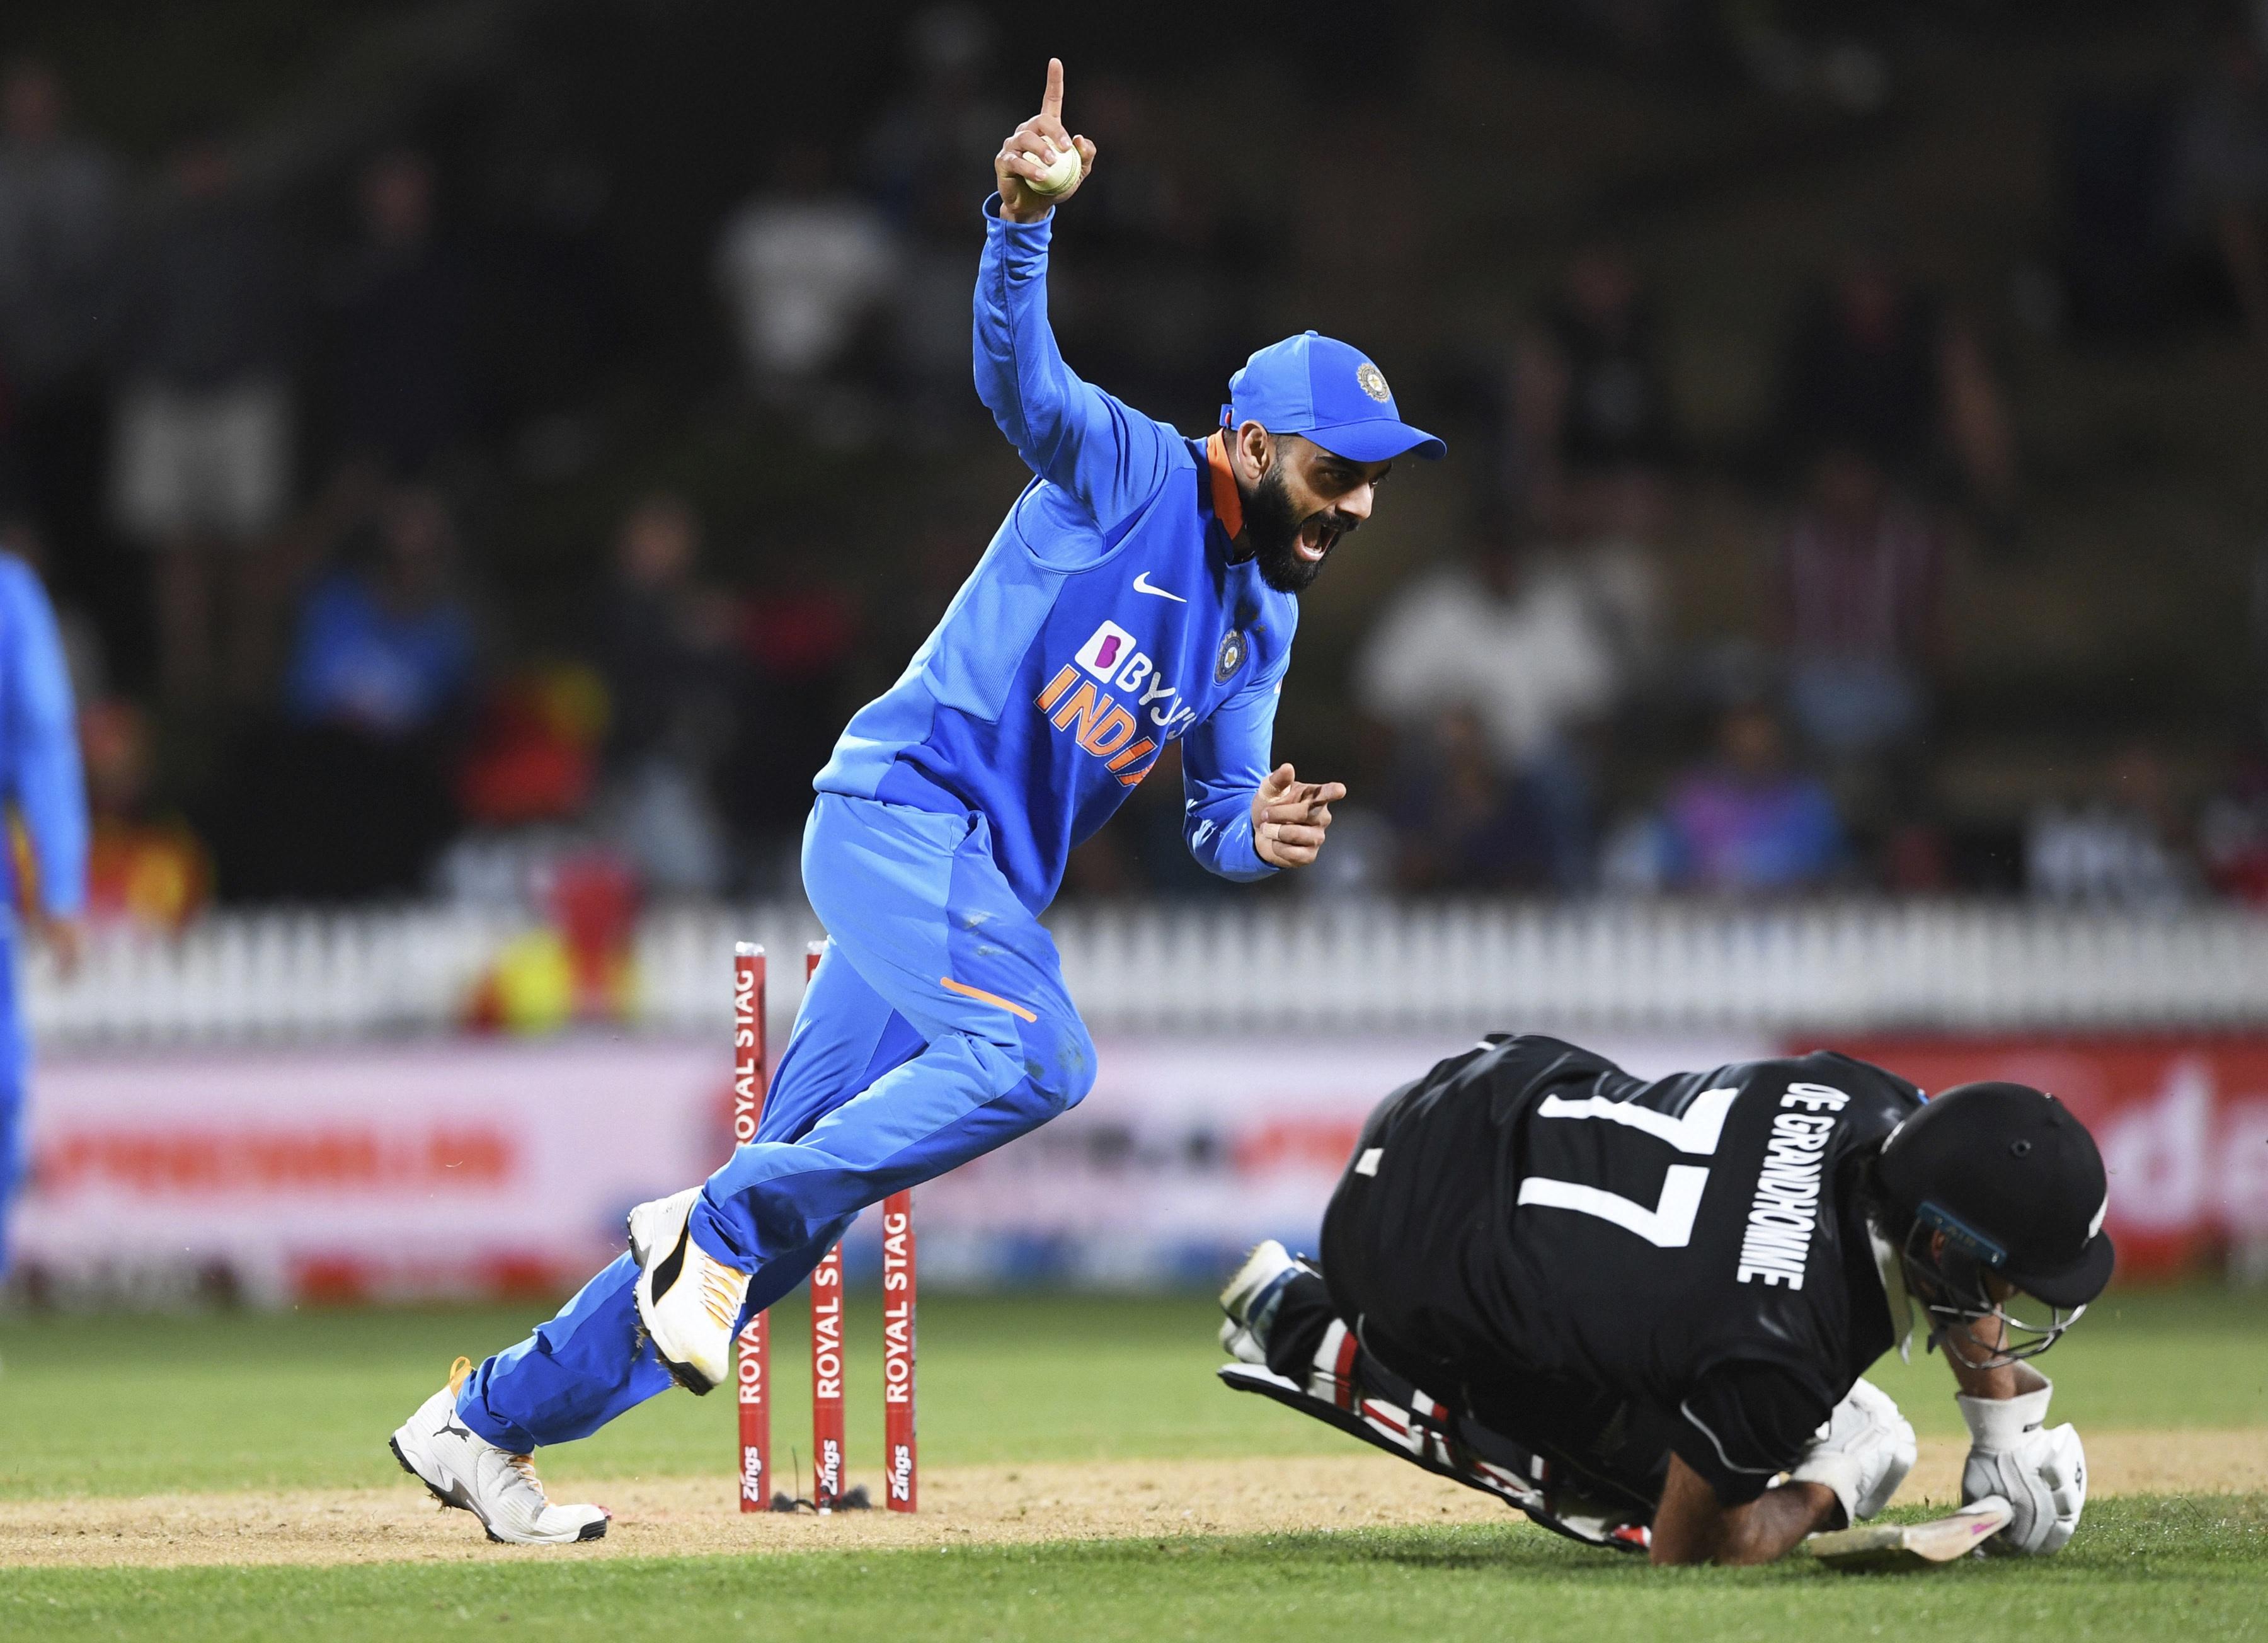 India vs New Zealand, India tour of New Zealand, Shreyas Iyer, Tom Latham, Virat Kohli, Prithvi Shaw